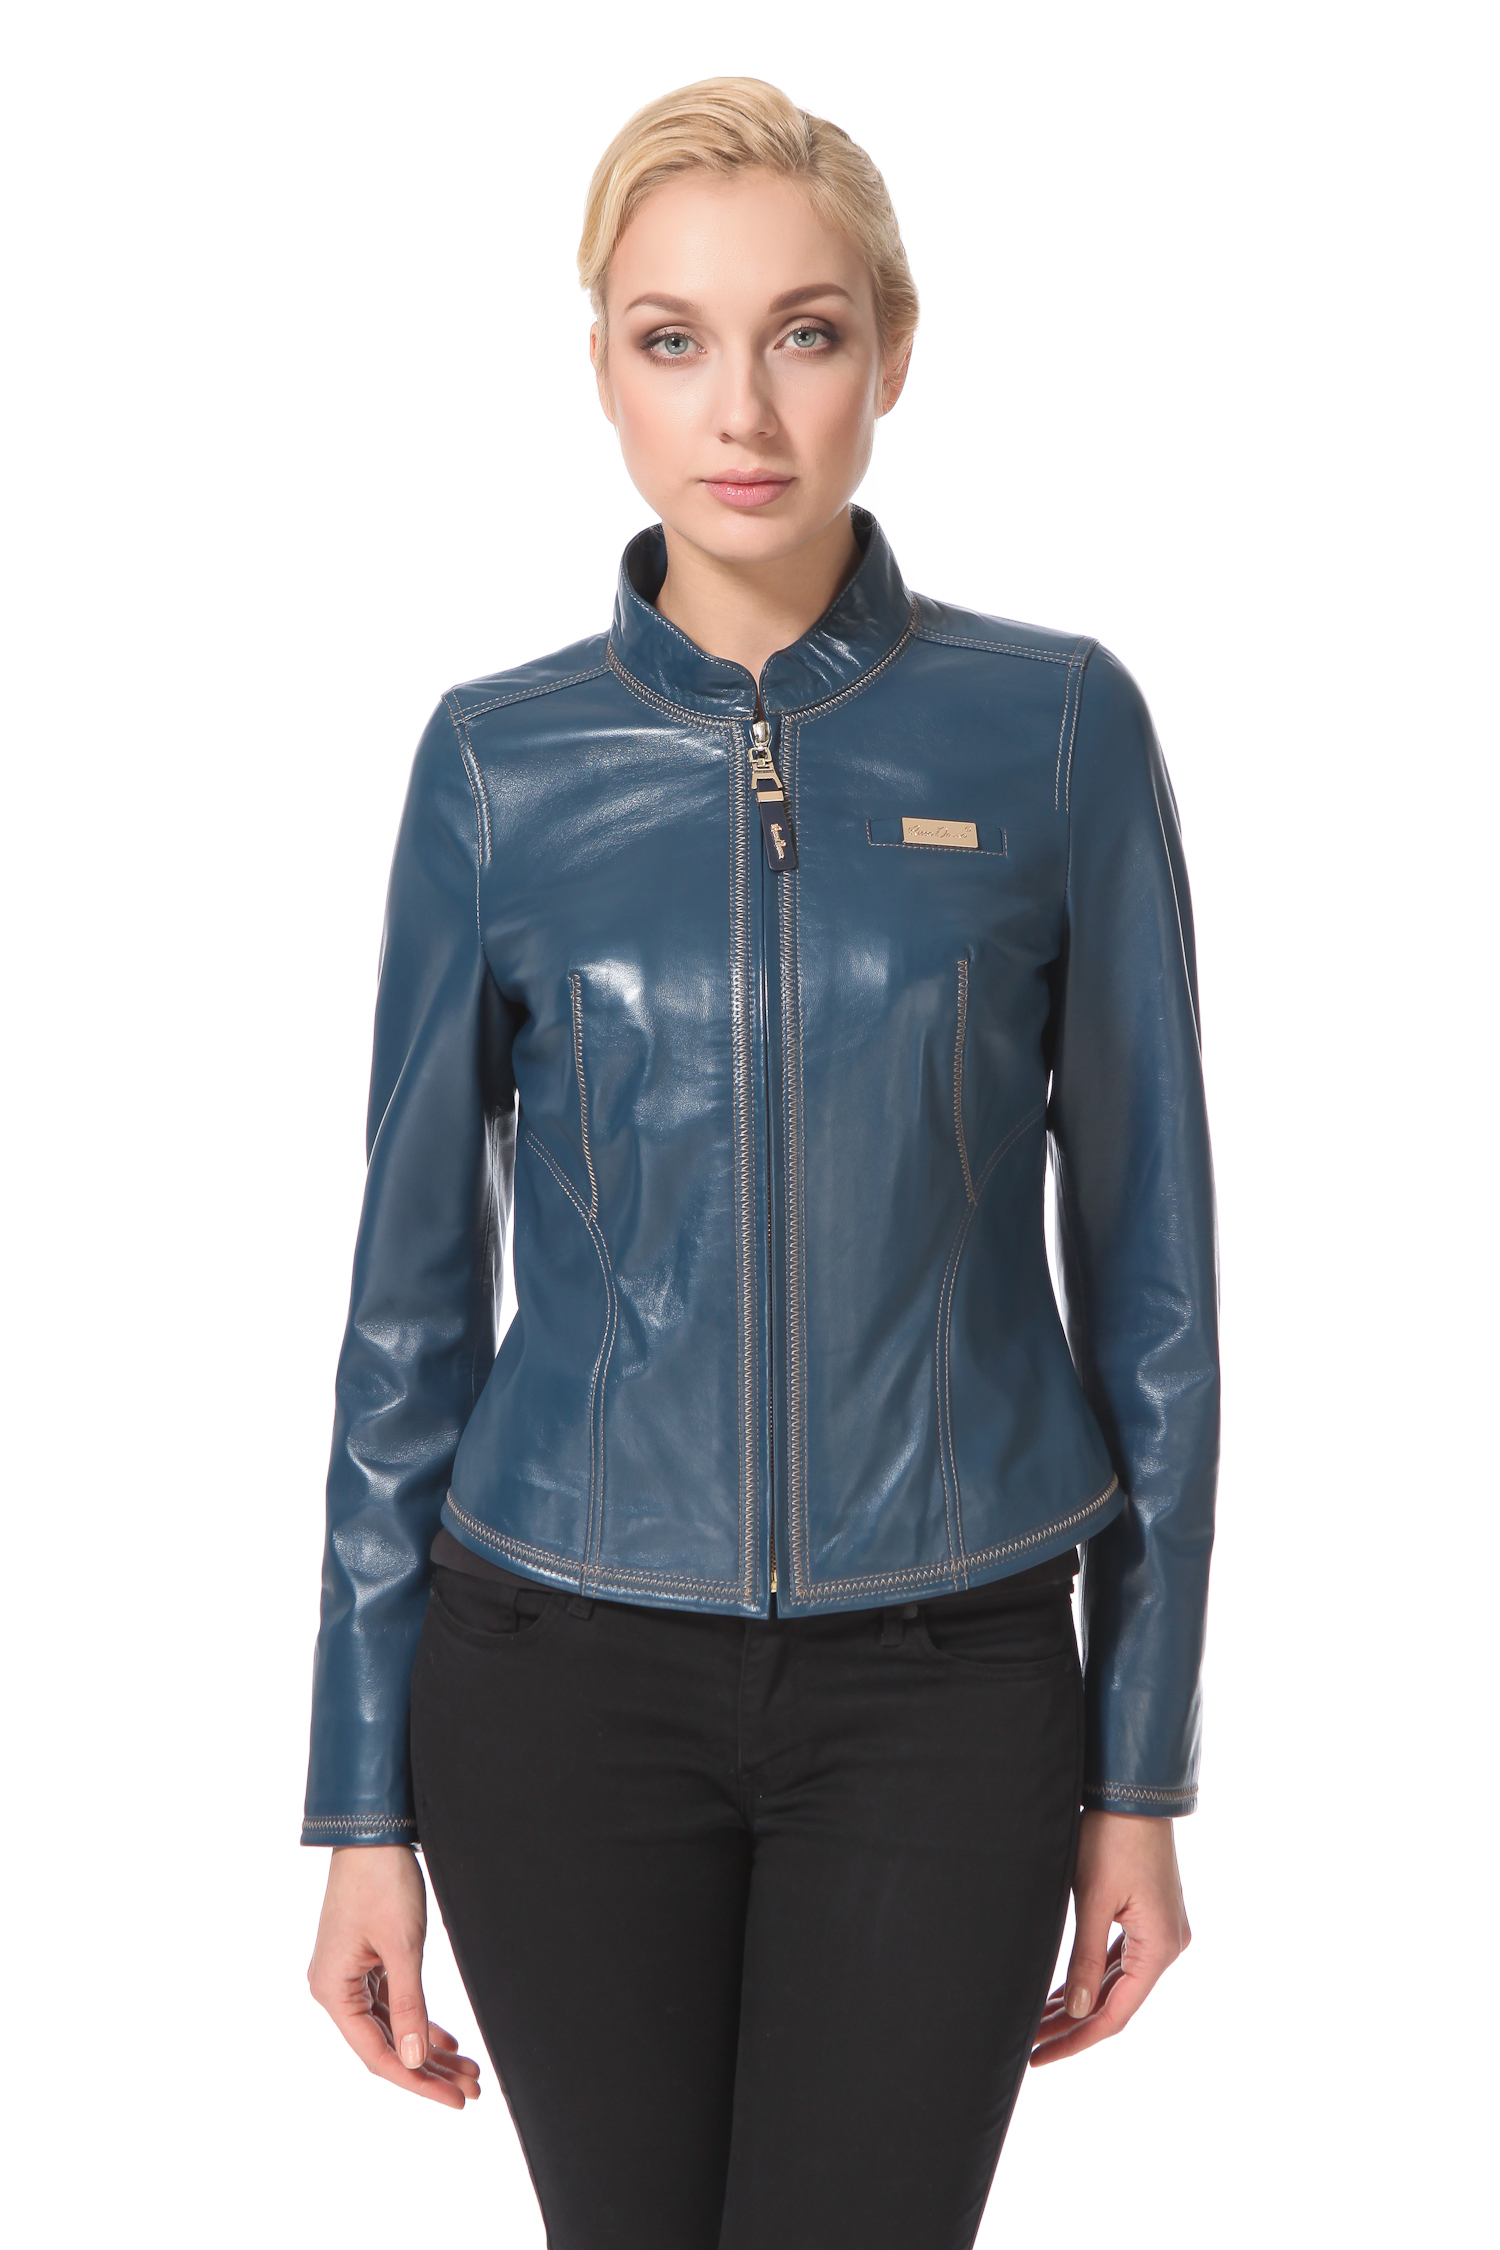 Женская кожаная куртка из натуральной кожи с воротником, без отделки от Московская Меховая Компания